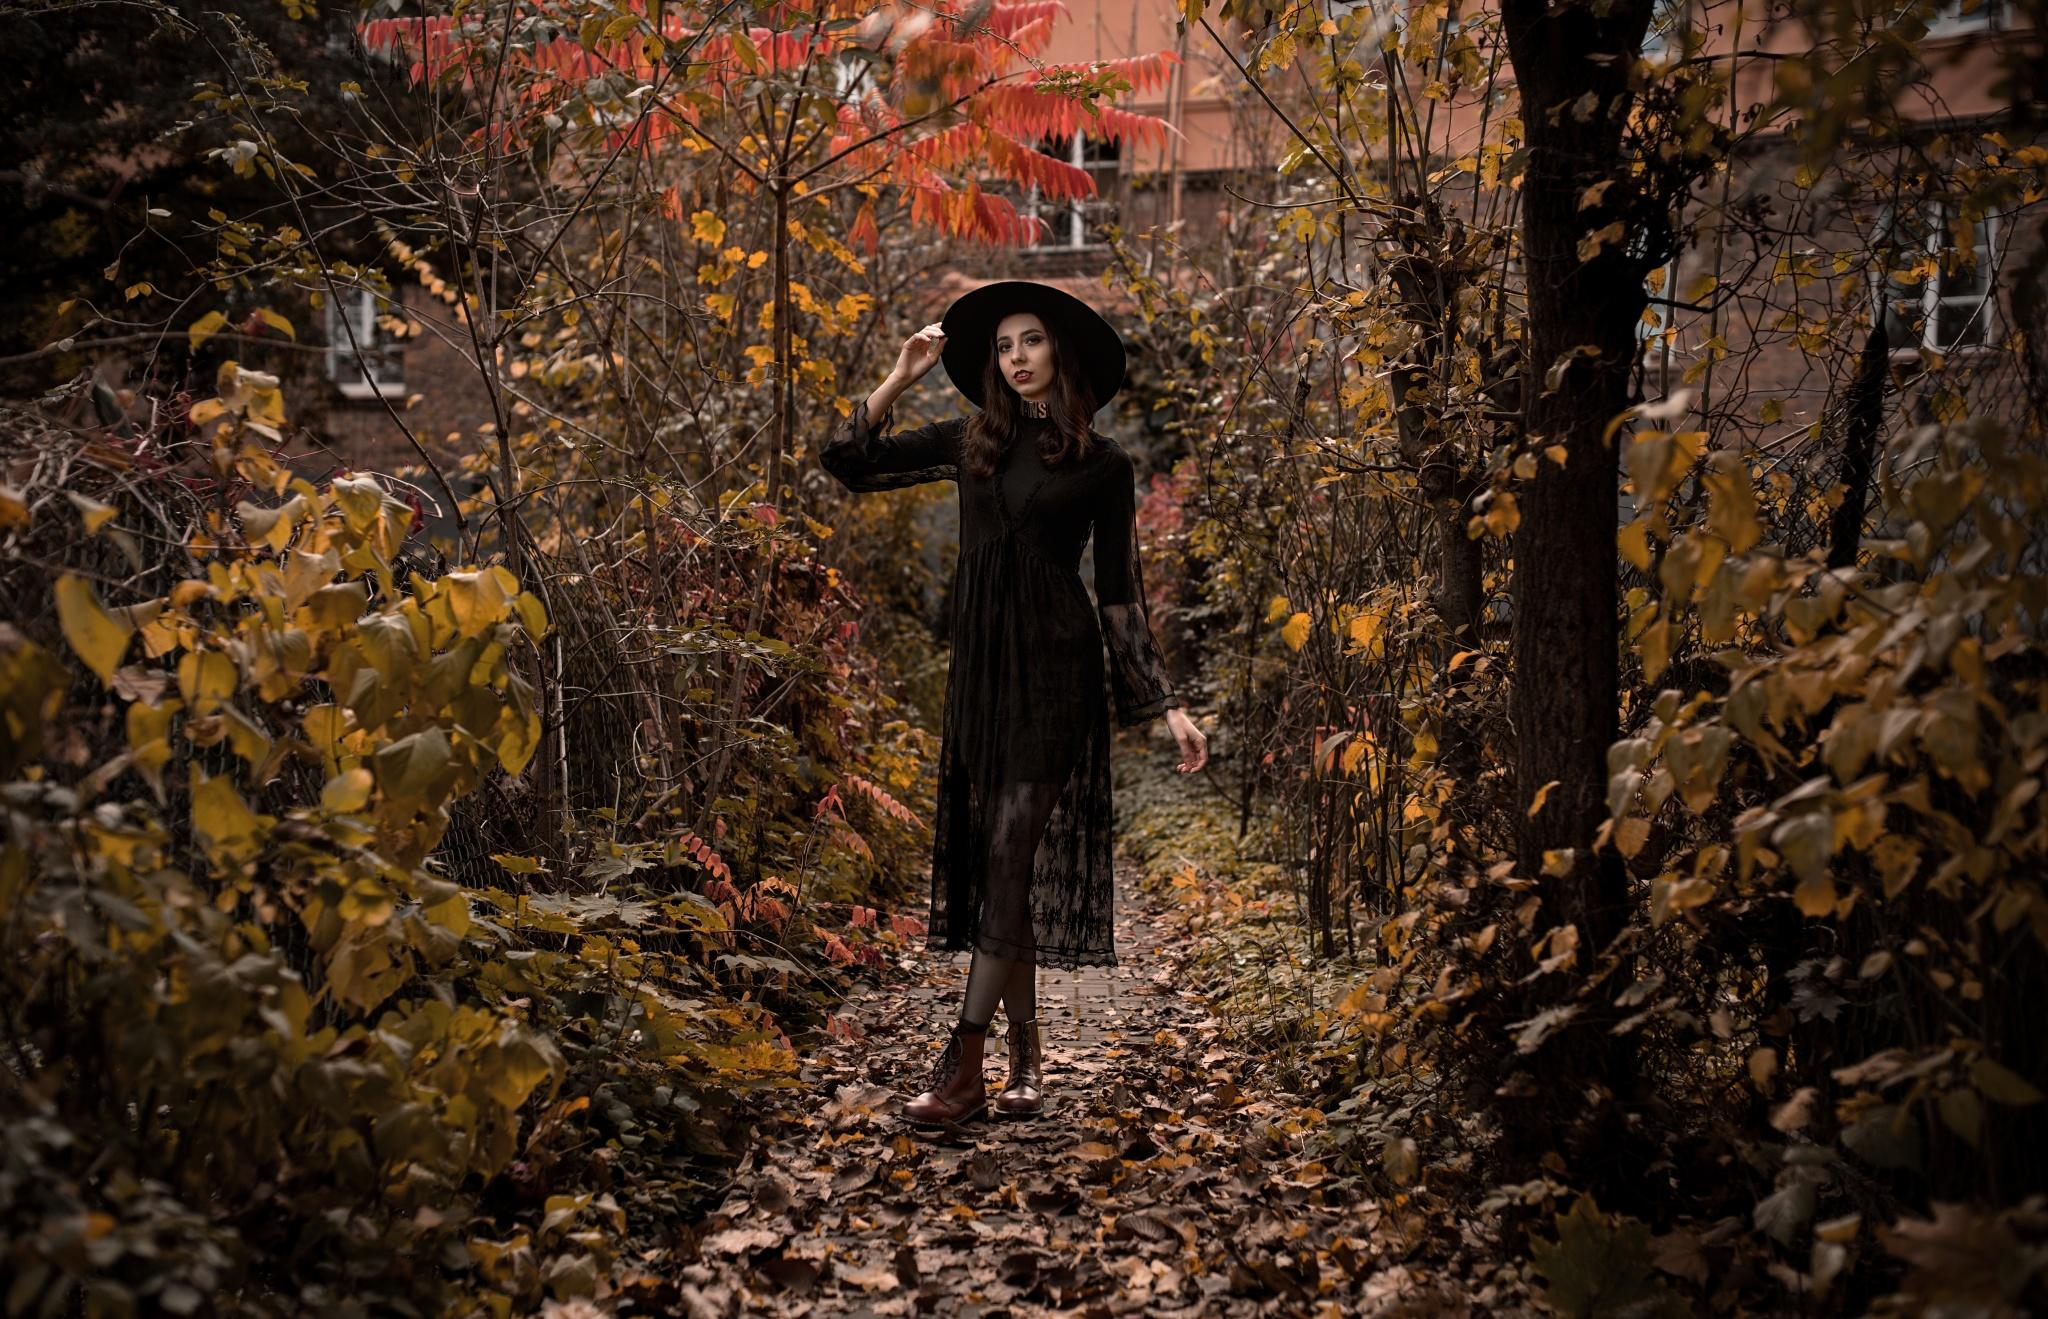 Tipps für Herbstfotografie: nebliger Morgen, Farbenflut und wildes Halloween